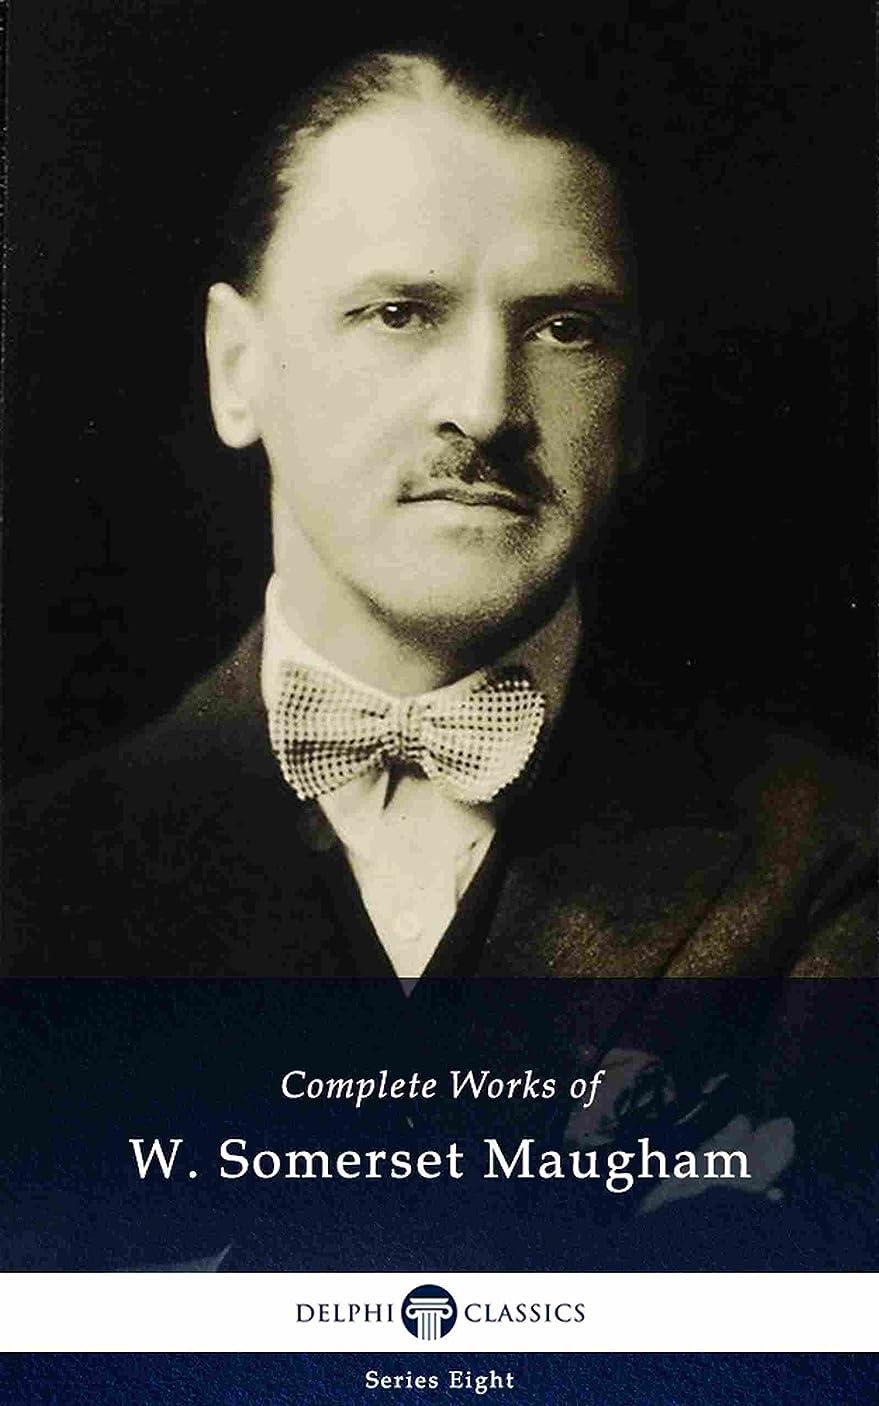 デモンストレーション滑る縮約Delphi Complete Works of W. Somerset Maugham (Illustrated) (Delphi Series Eight Book 5) (English Edition)